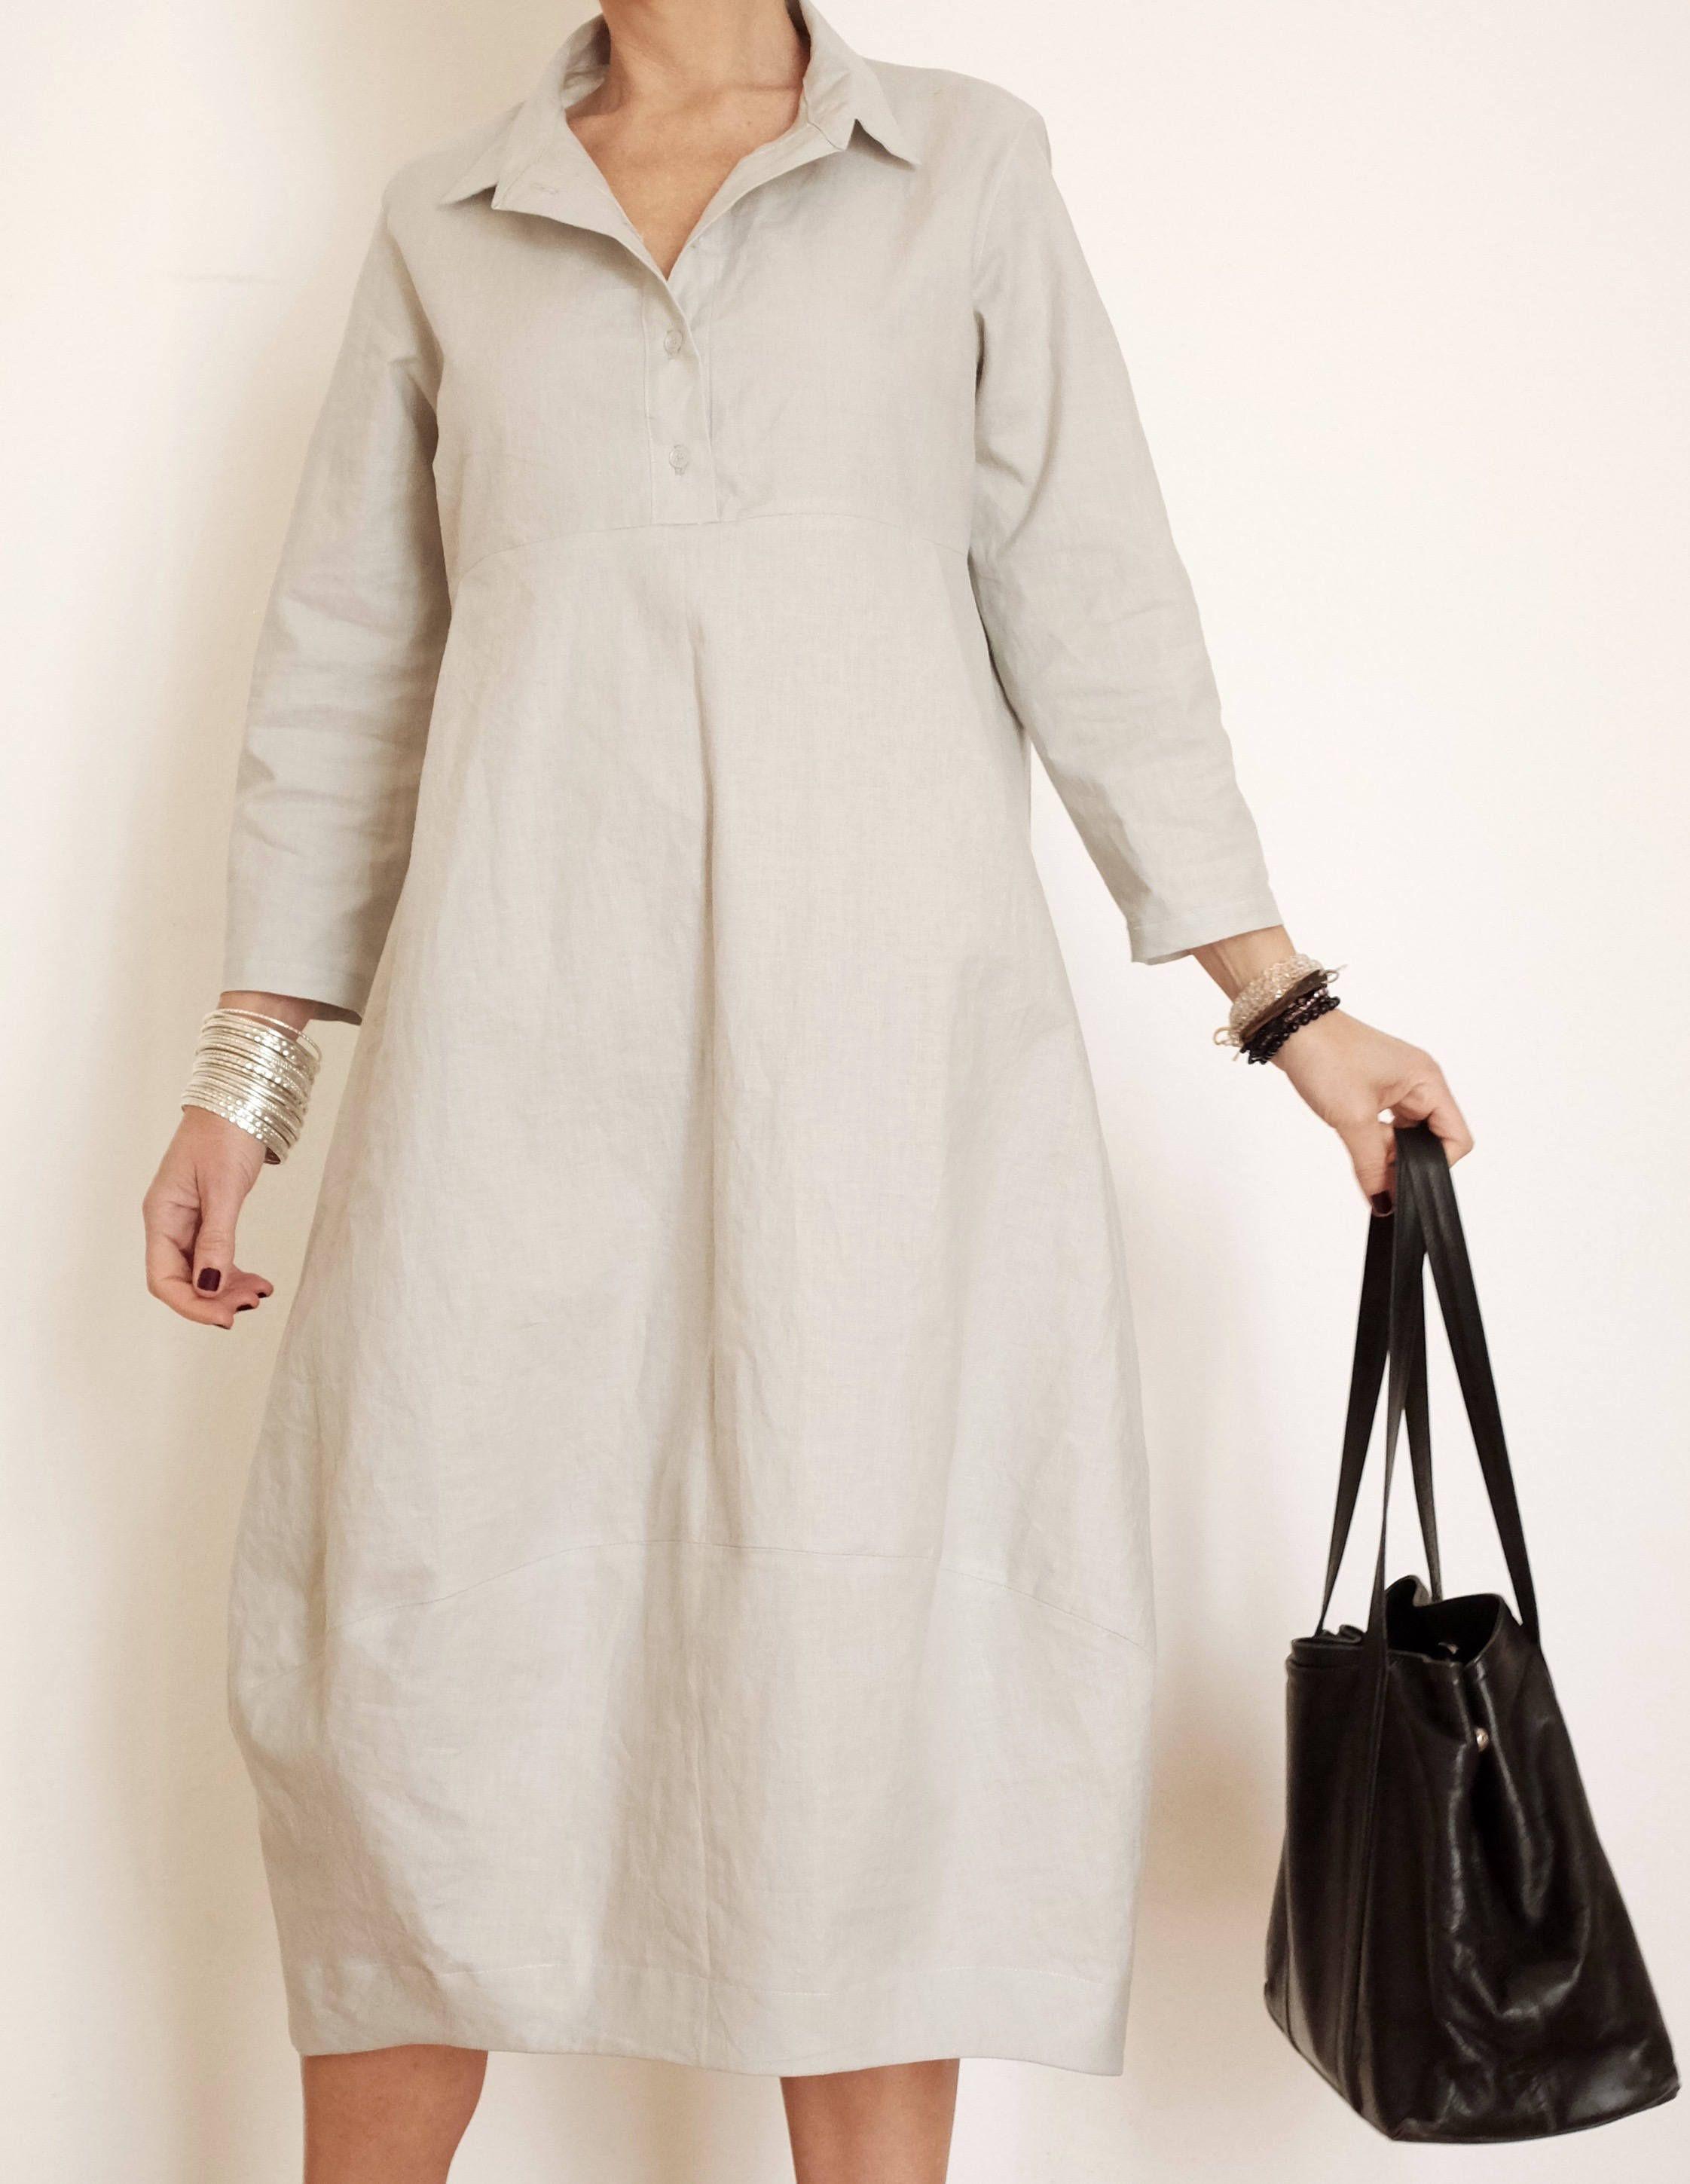 Photo of Linen Dress – Charcoal Grey Linen Dress – Linen Womens Clothing – Shirt Linen Dress – Charcoal Linen Tunic – Long Linen Shirt Dress – Linen